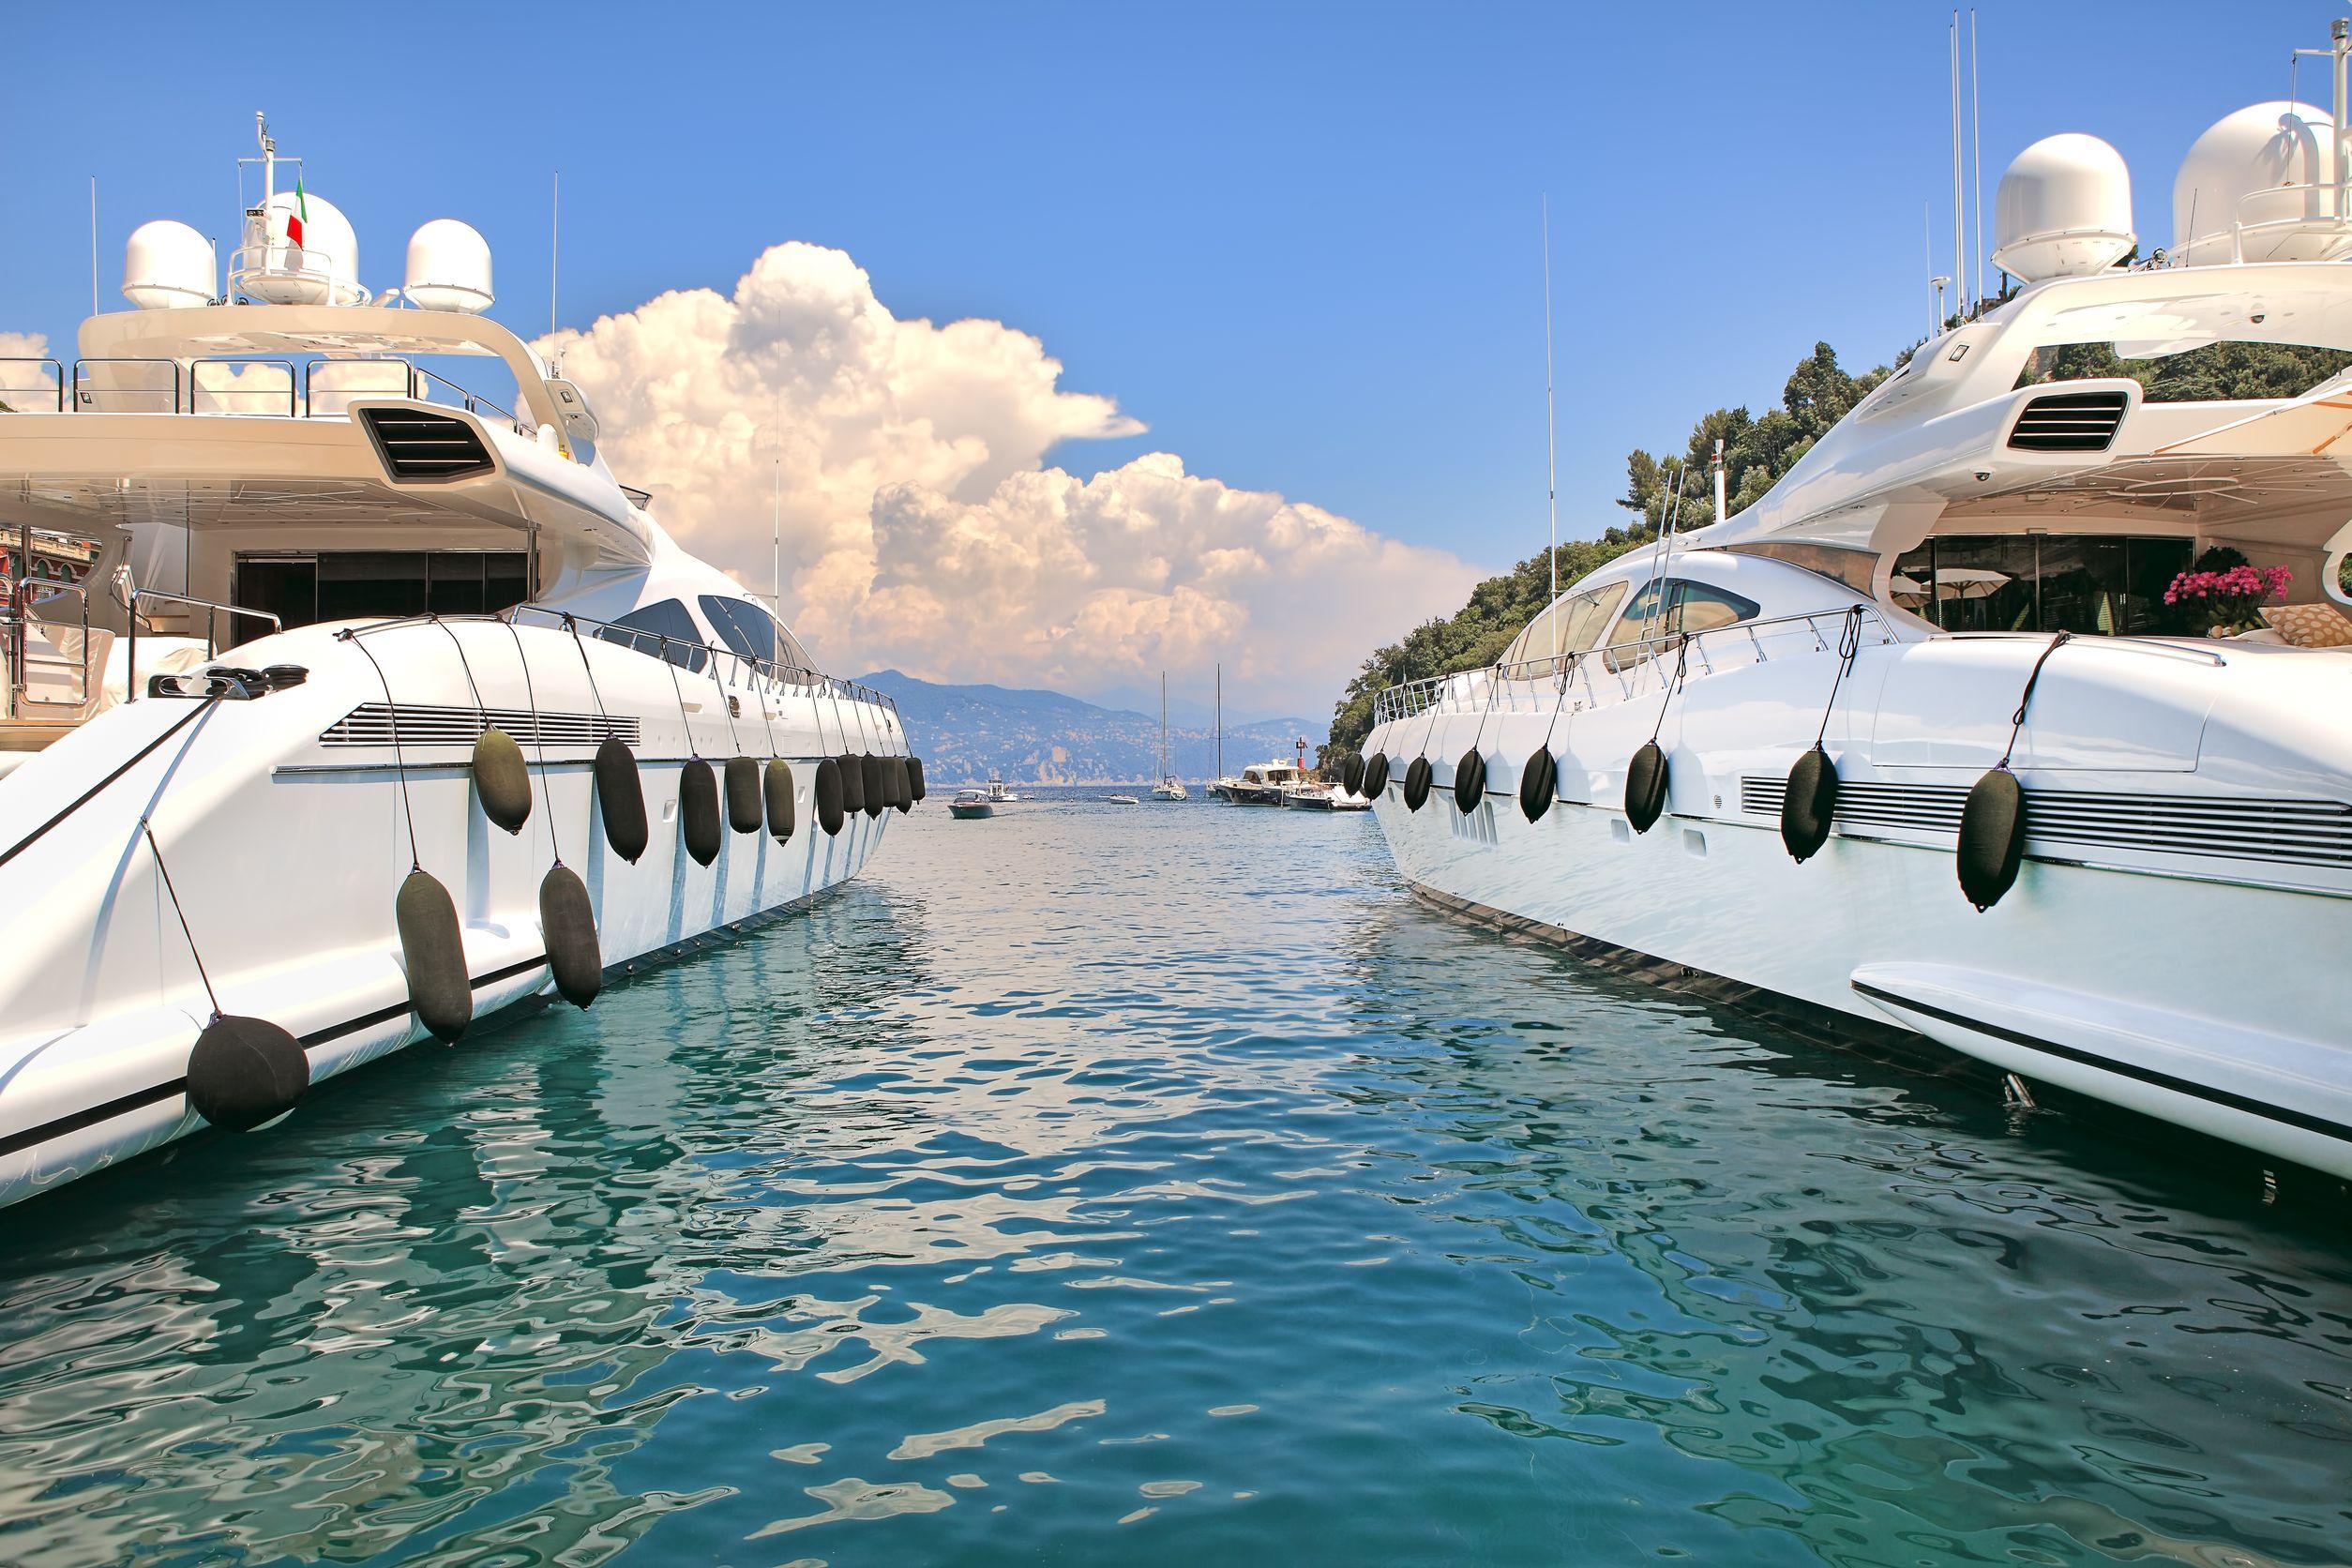 Two Boats in Cap Ferrat